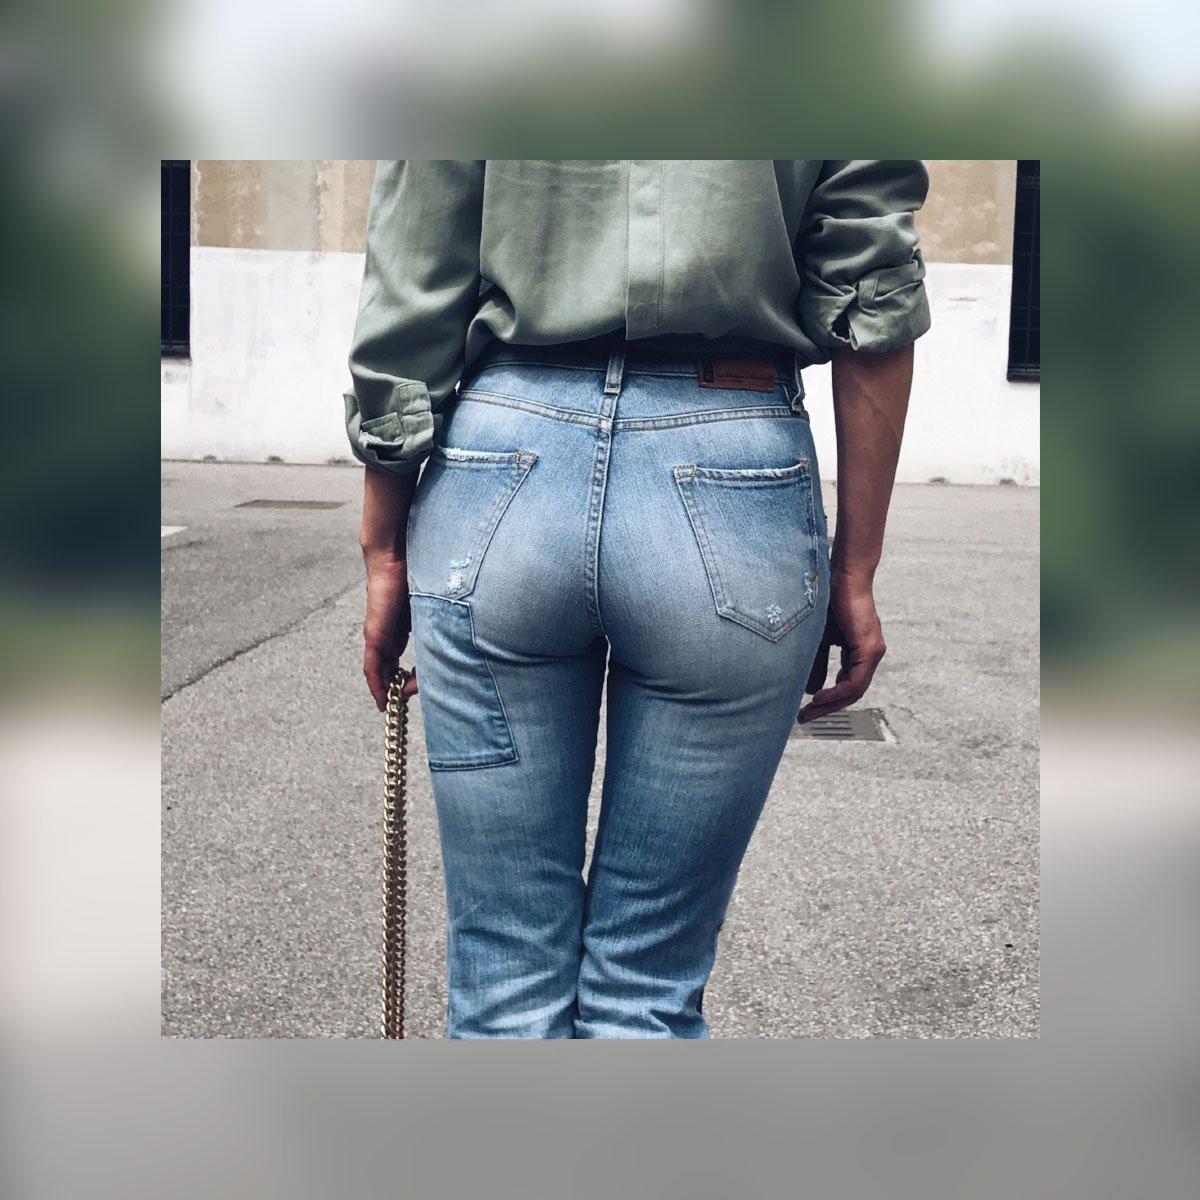 Best jeans evaaaaaaa